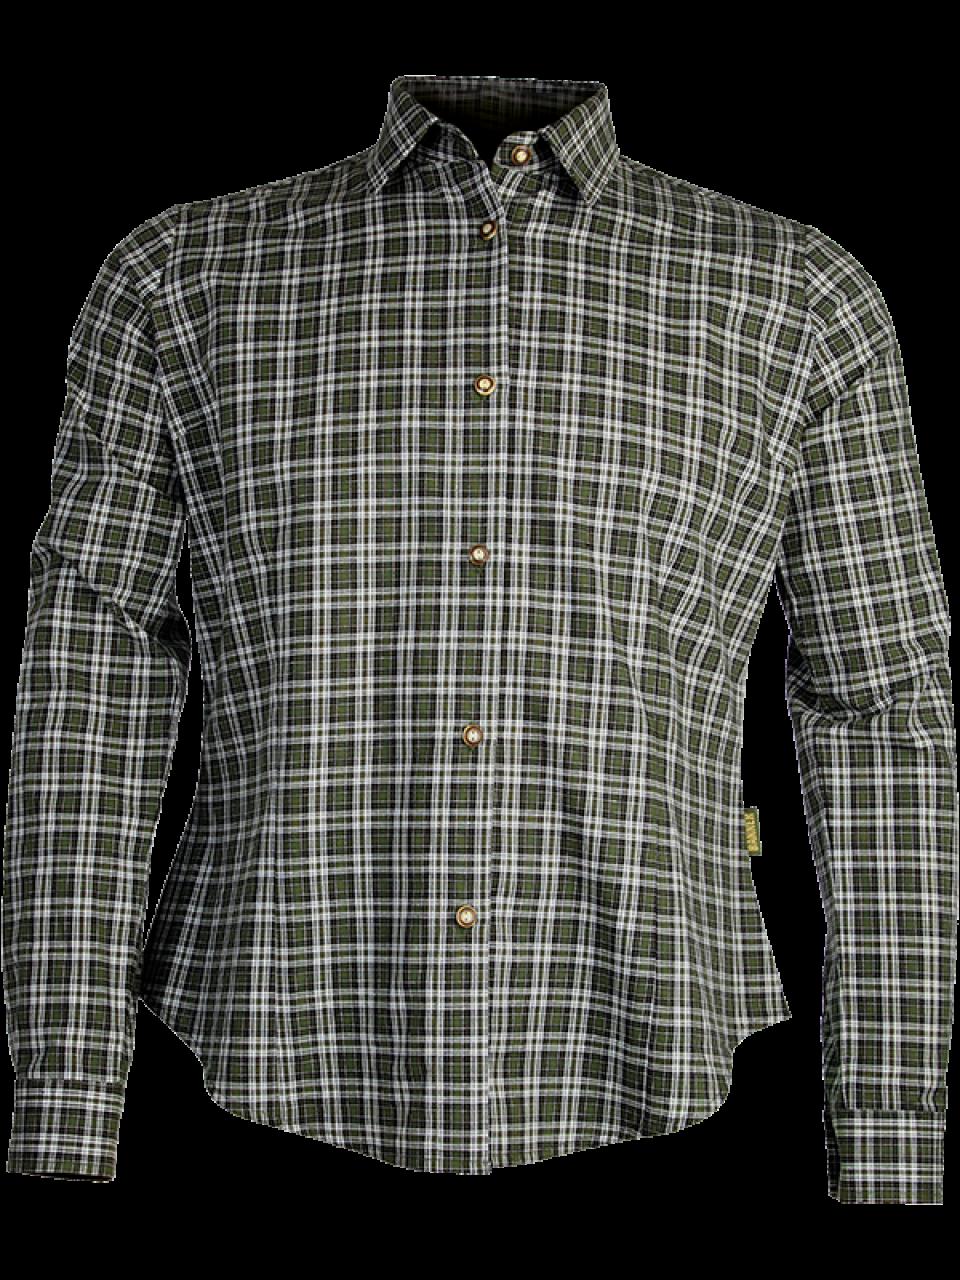 Outdoorové oblečenie dámska košeľa Koleta dlhý rukáv